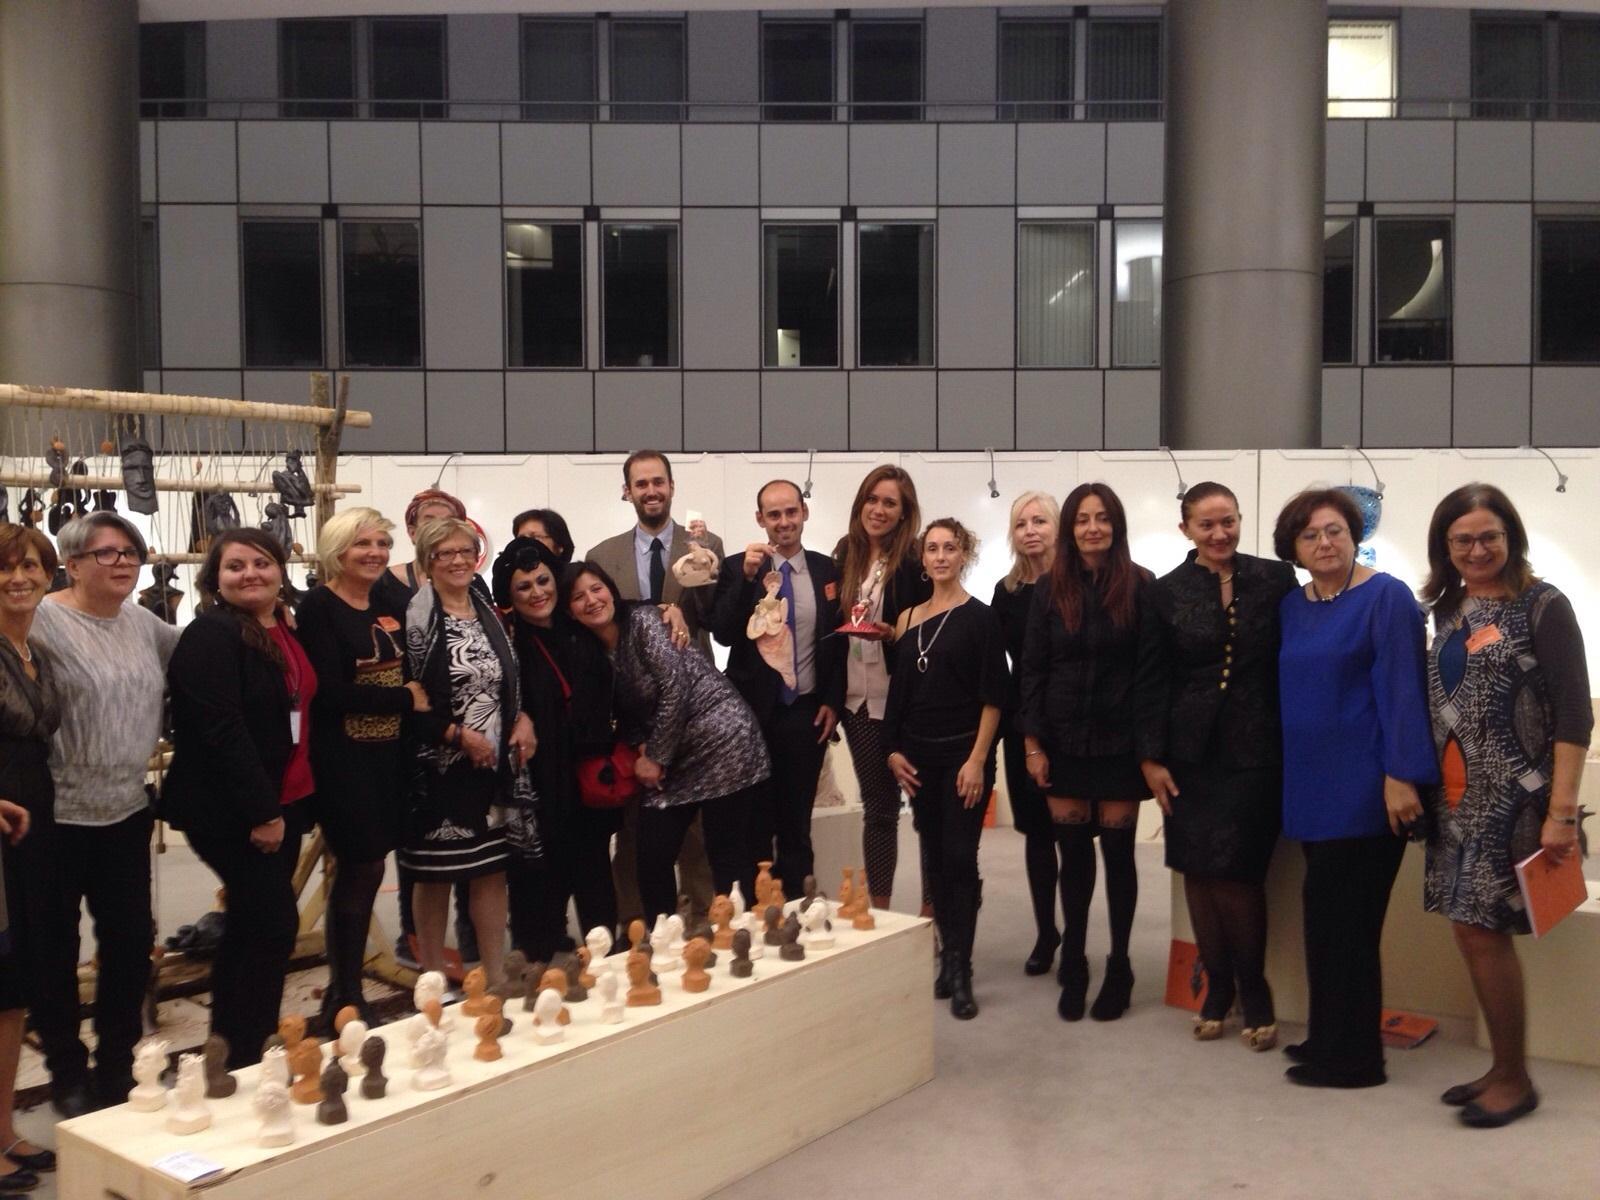 Vico equense on line bruxelles inaugurata mostra for Immagini del parlamento